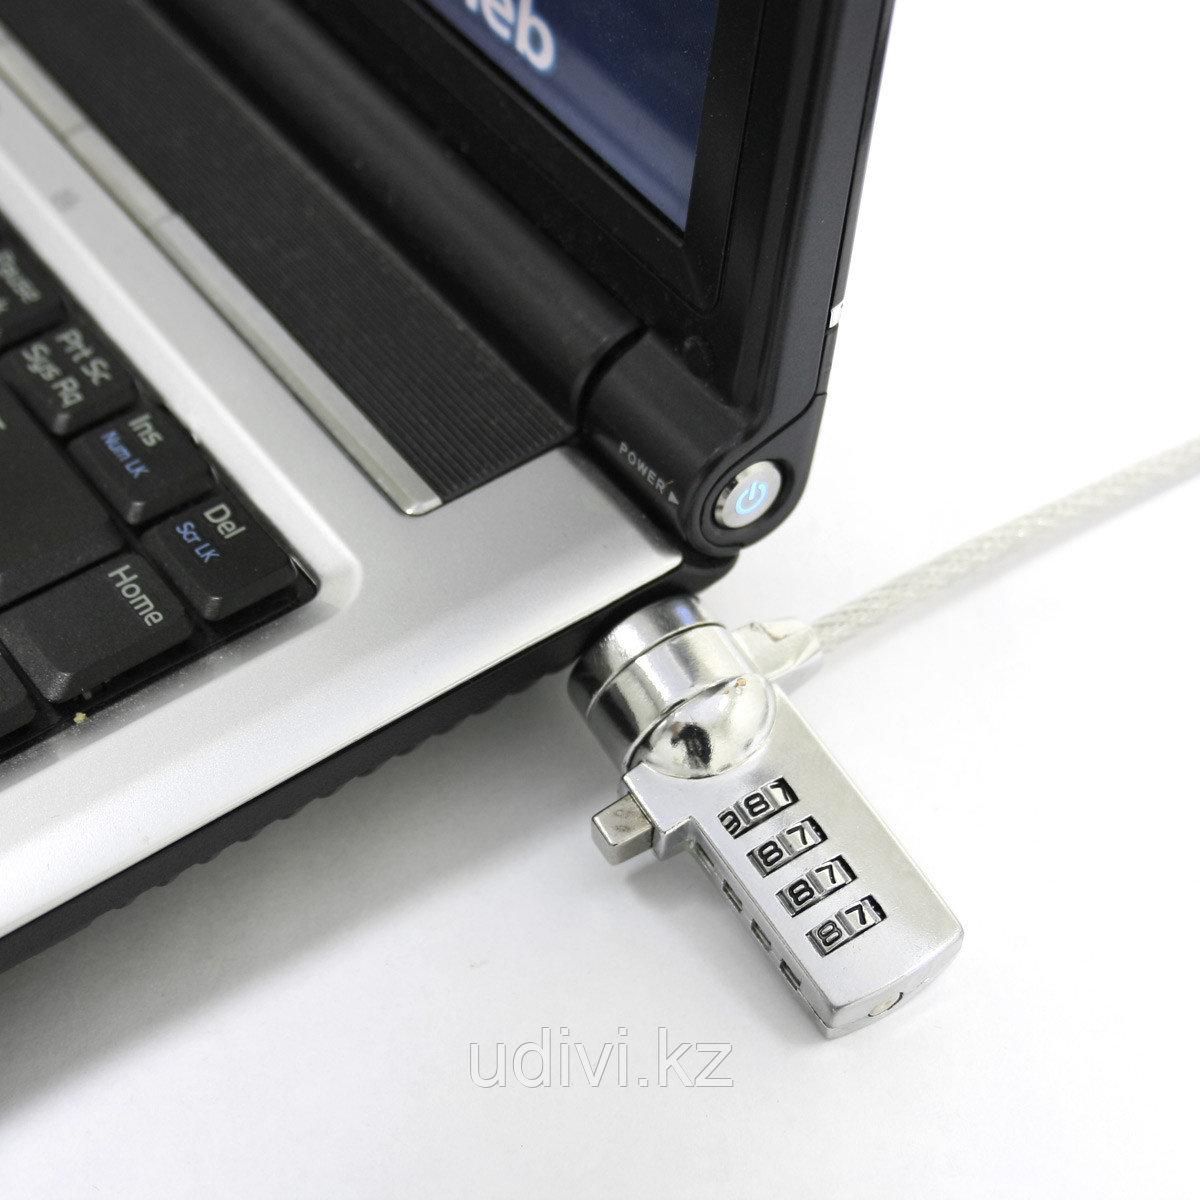 Замок трос для ноутбука с кодом